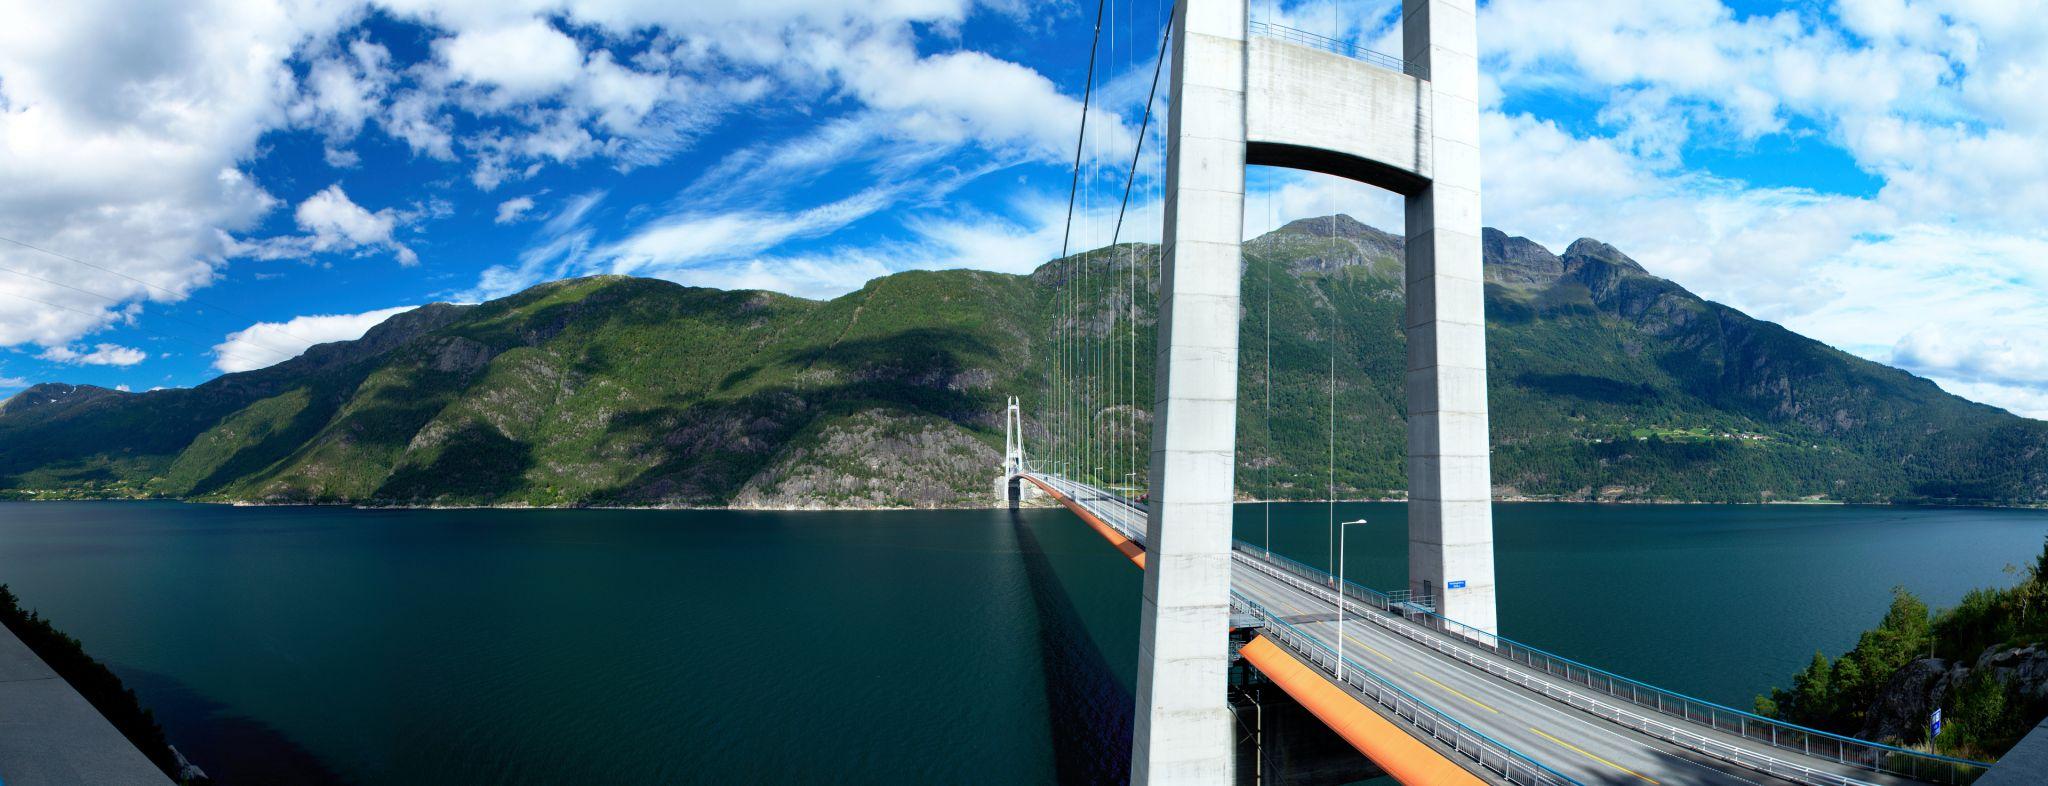 Hardangerbrua, Norway